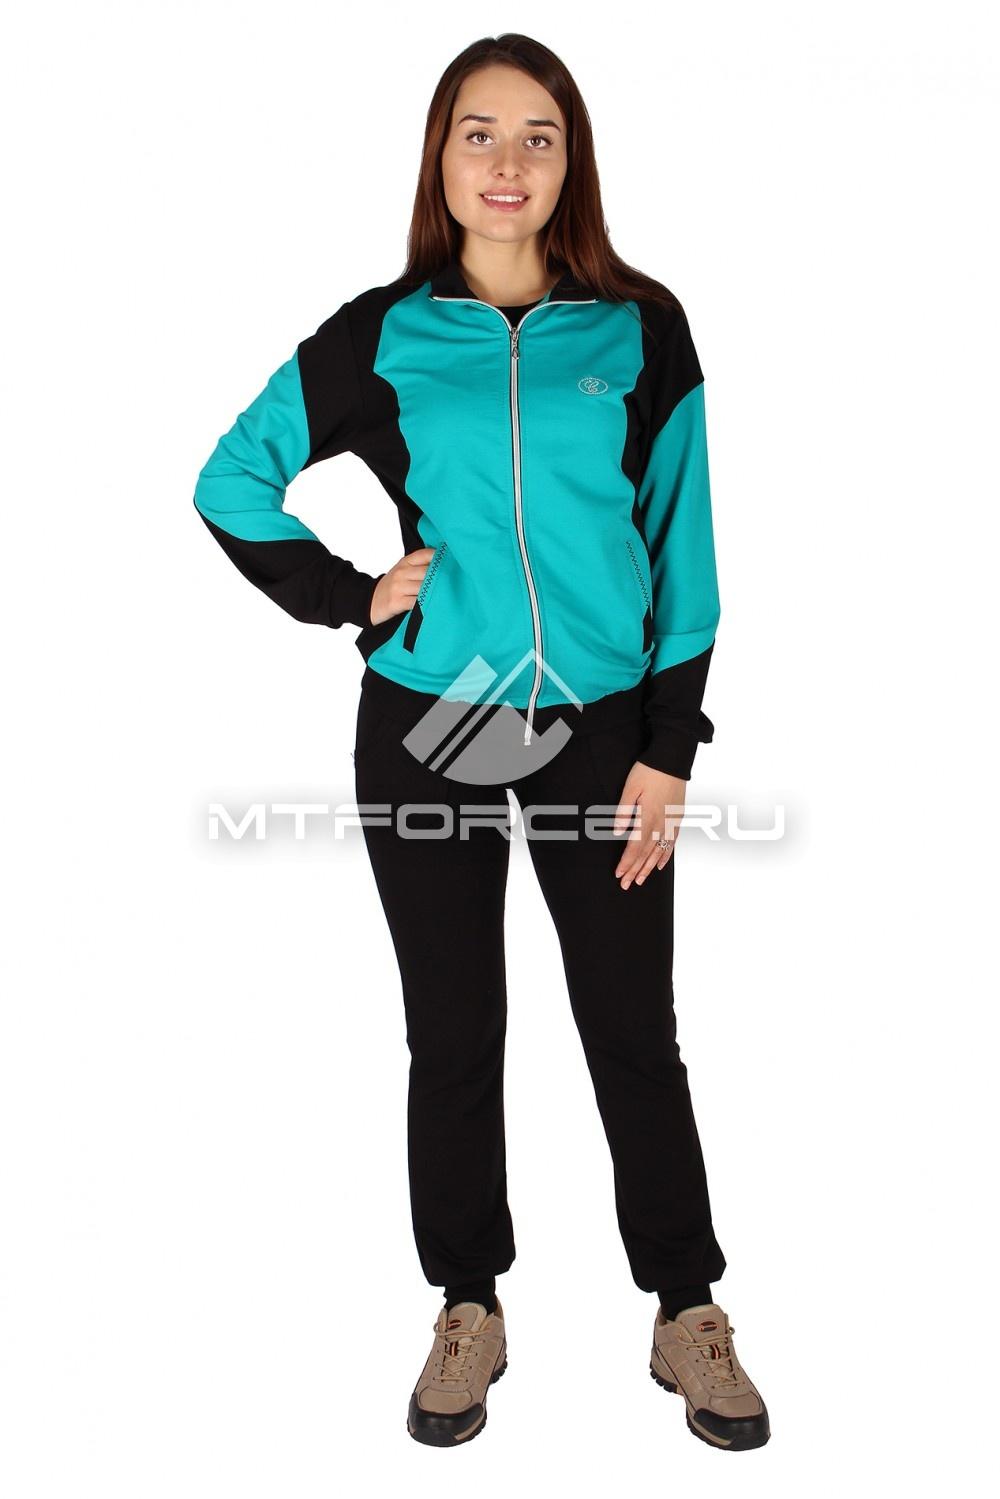 Купить                                  оптом Спортивный трикотажный костюм женский бирюзового цвета 0050Br в Санкт-Петербурге